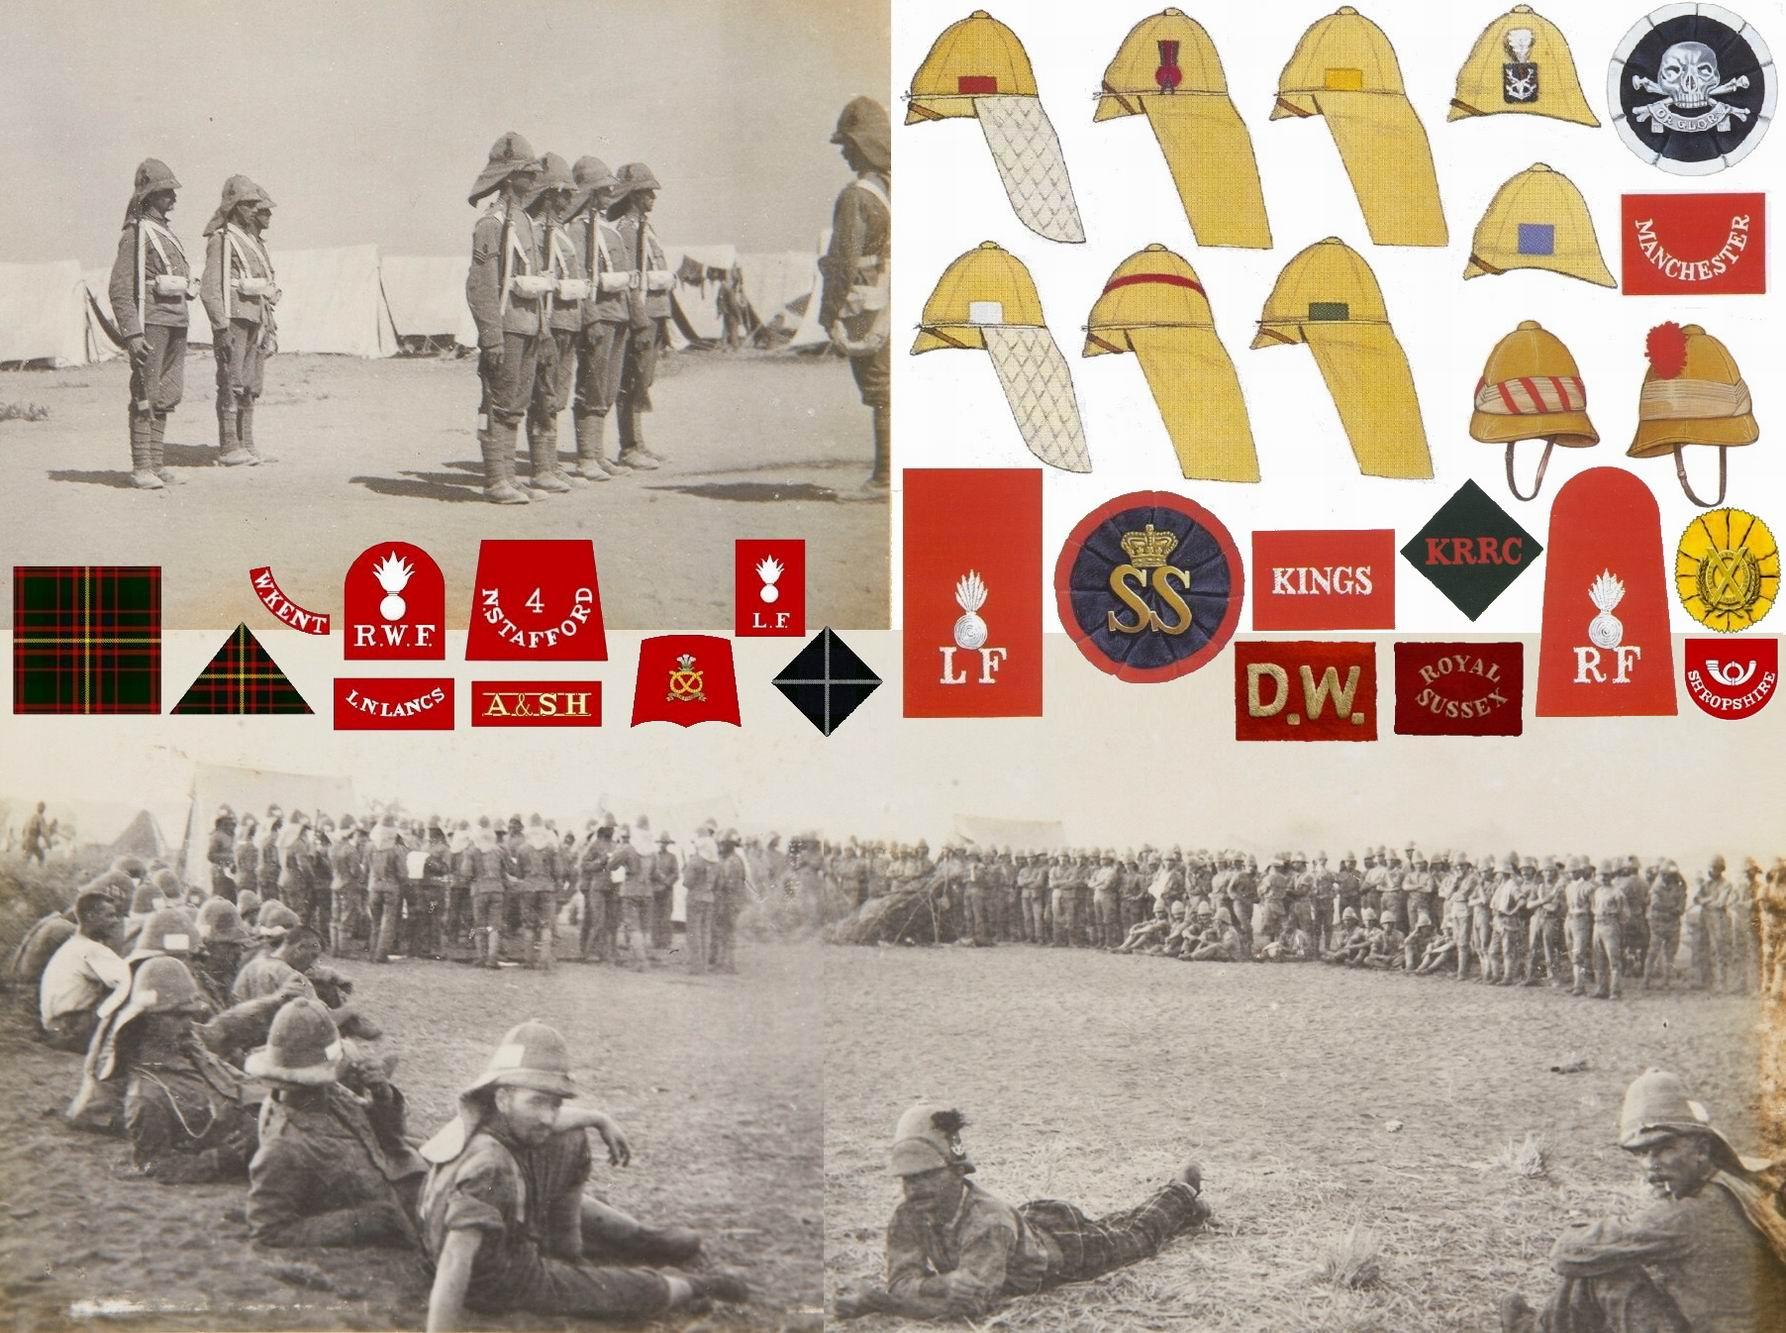 Примеры знаков отличия на пробковых шлемах времен подавления махдистов и англо-бурской войны.